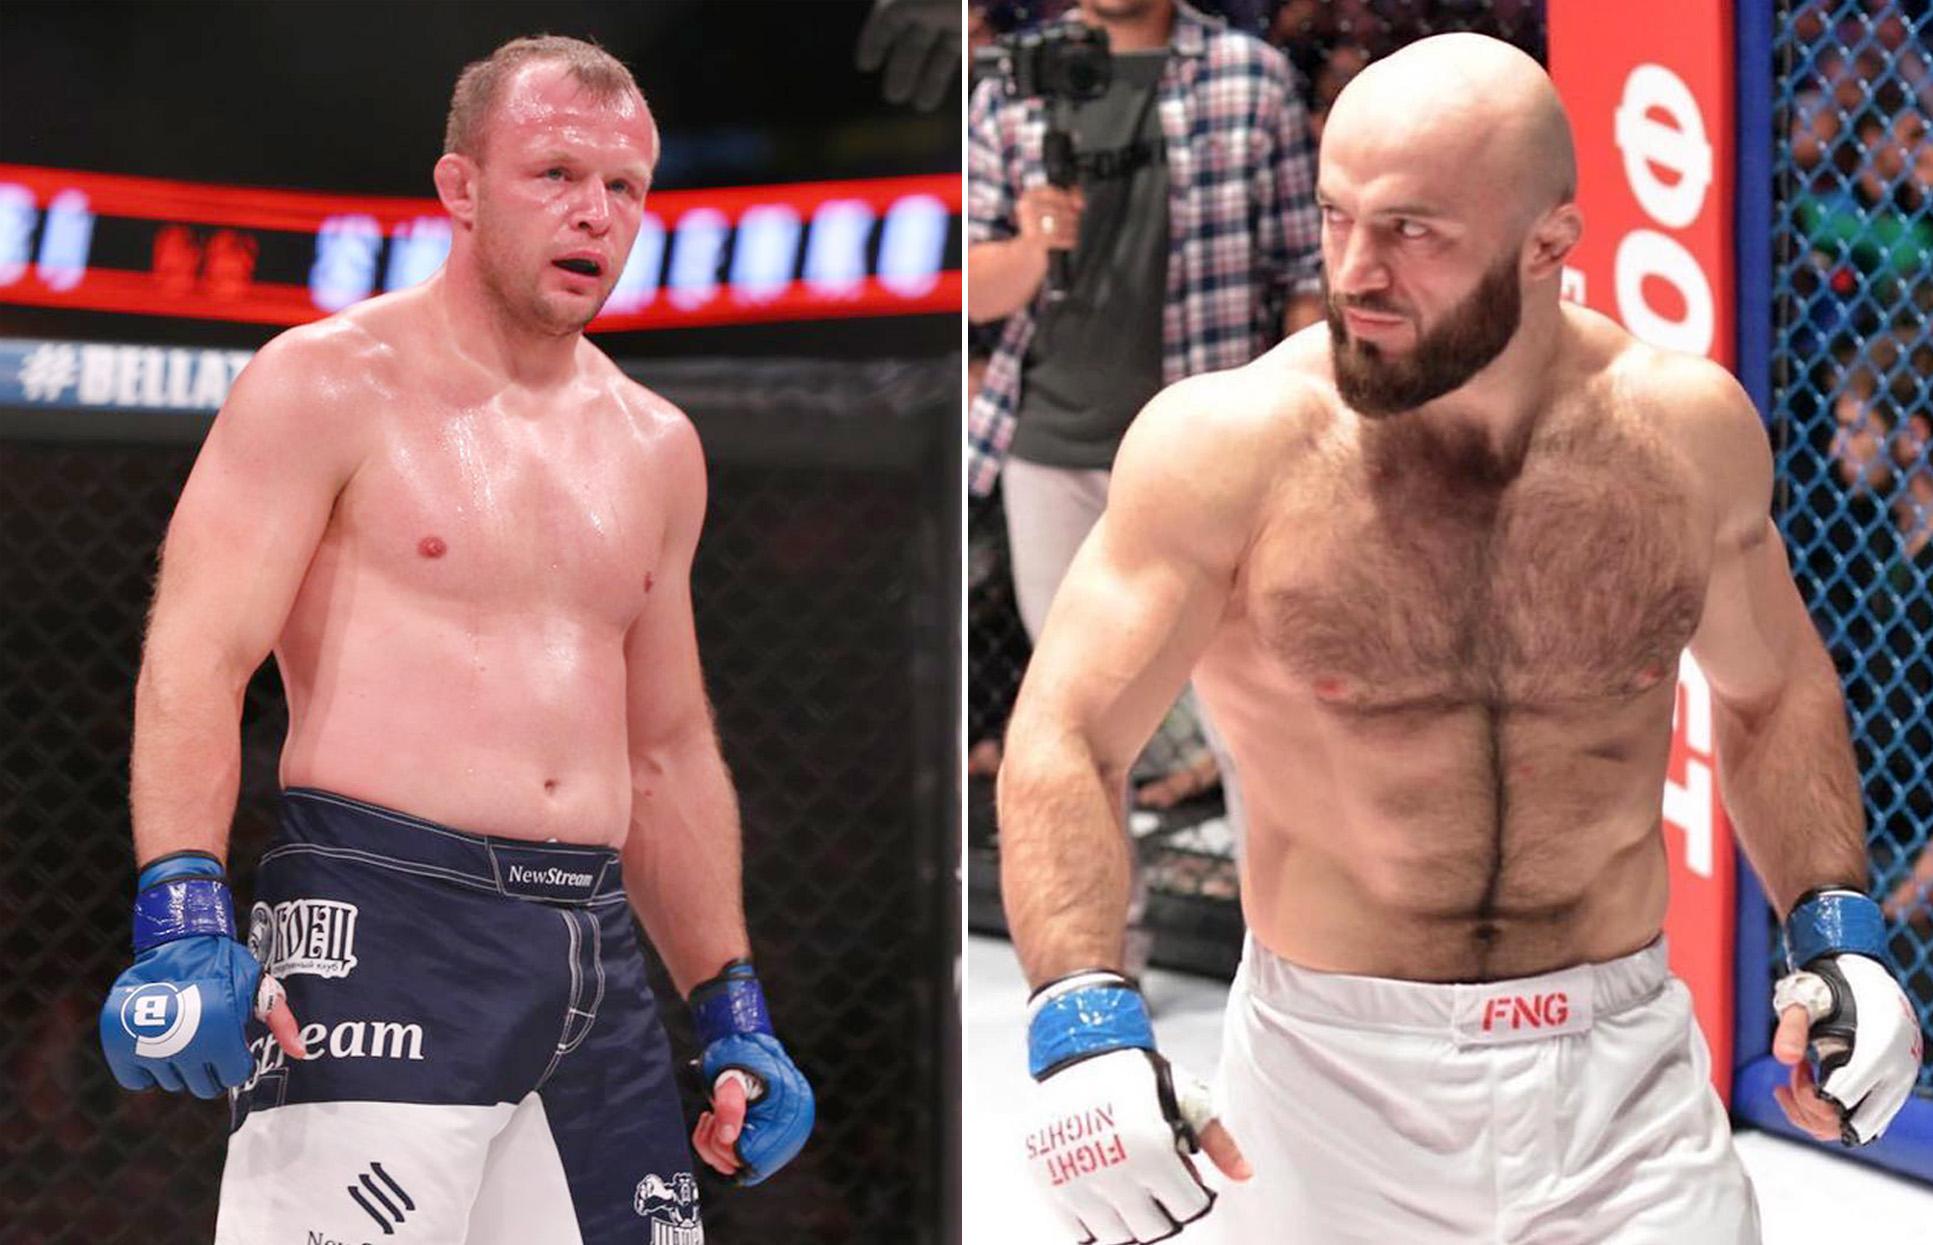 Камил Гаджиев озвучил сумму, которую он готов предложить Александру Шлеменко за бой с Магомедом Исмаиловым